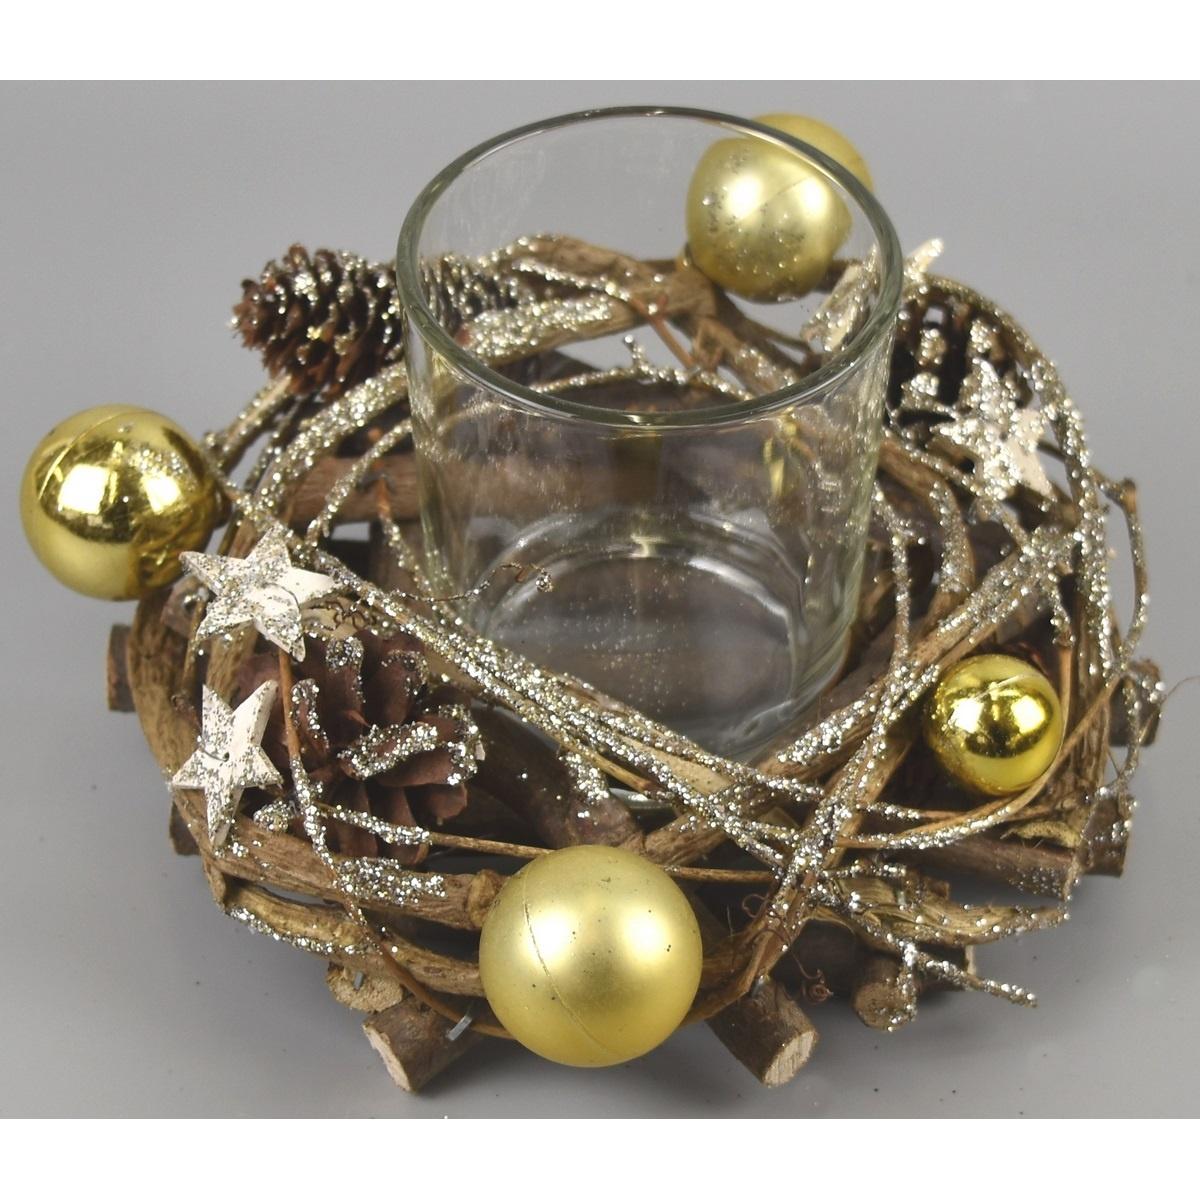 Vánoční svícen Midland zlatá, 16 x 9 cm